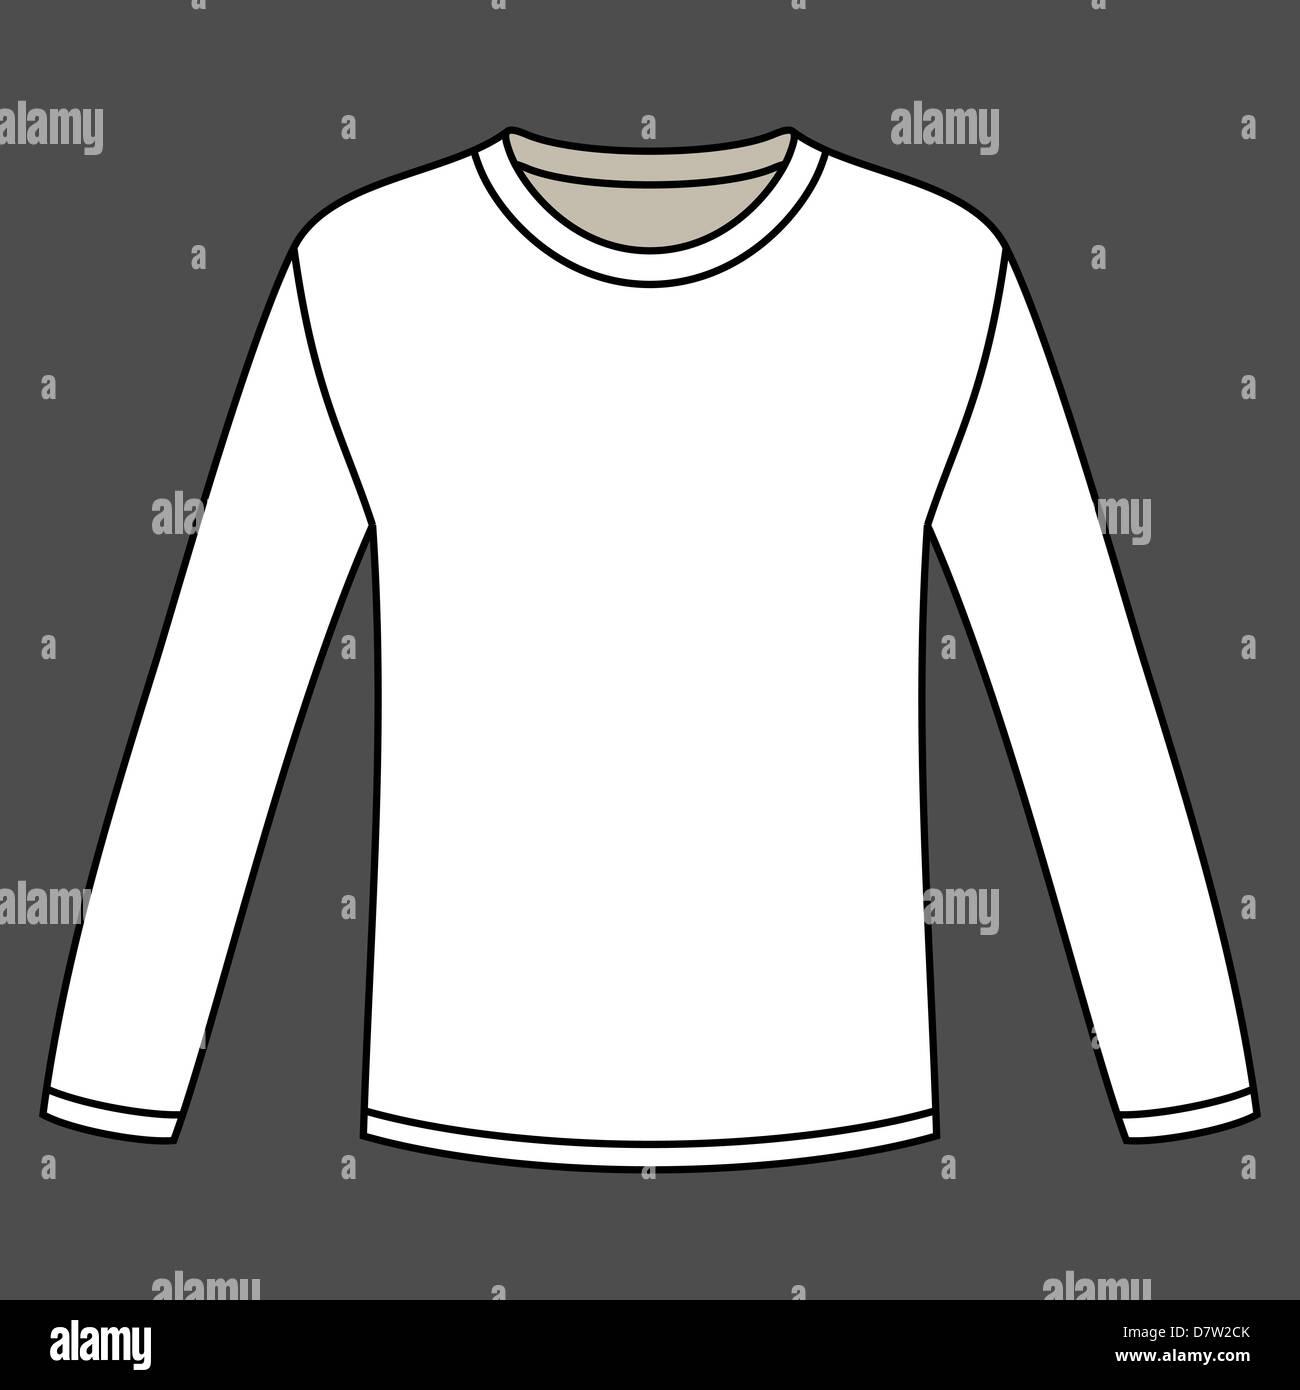 Beste T Shirt Vorlage Malseite Zeitgenössisch - Malvorlagen Von ...